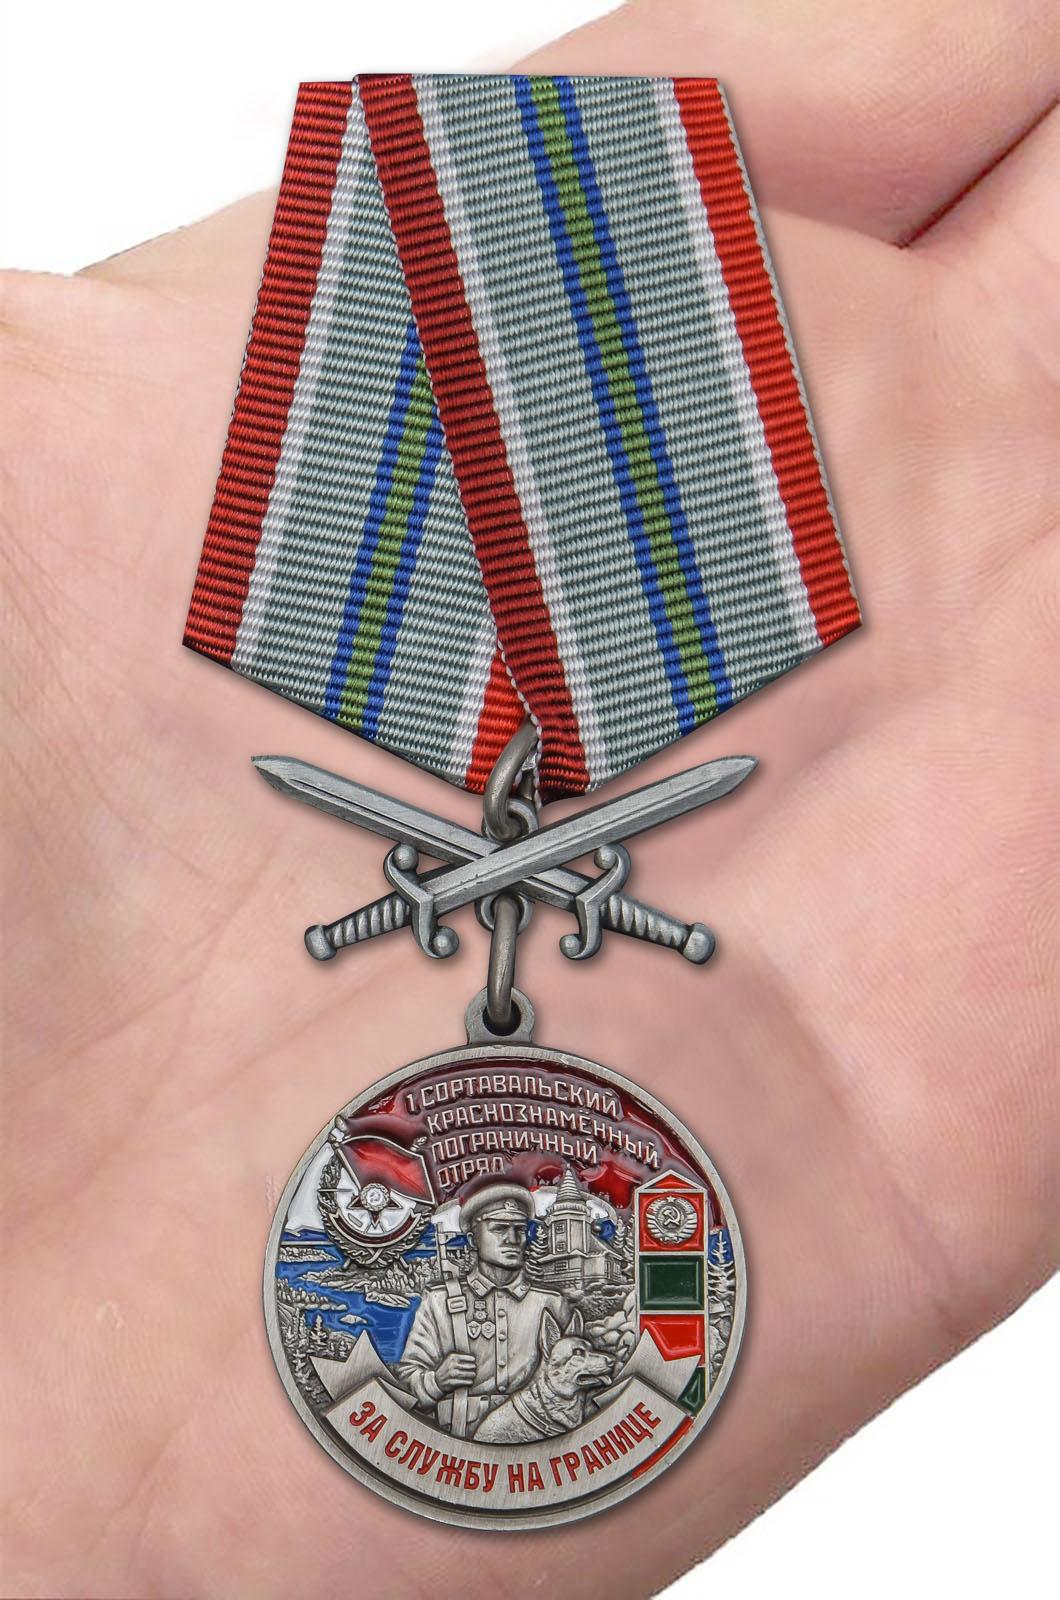 Памятная медаль За службу в Сортавальском пограничном отряде - вид на ладони